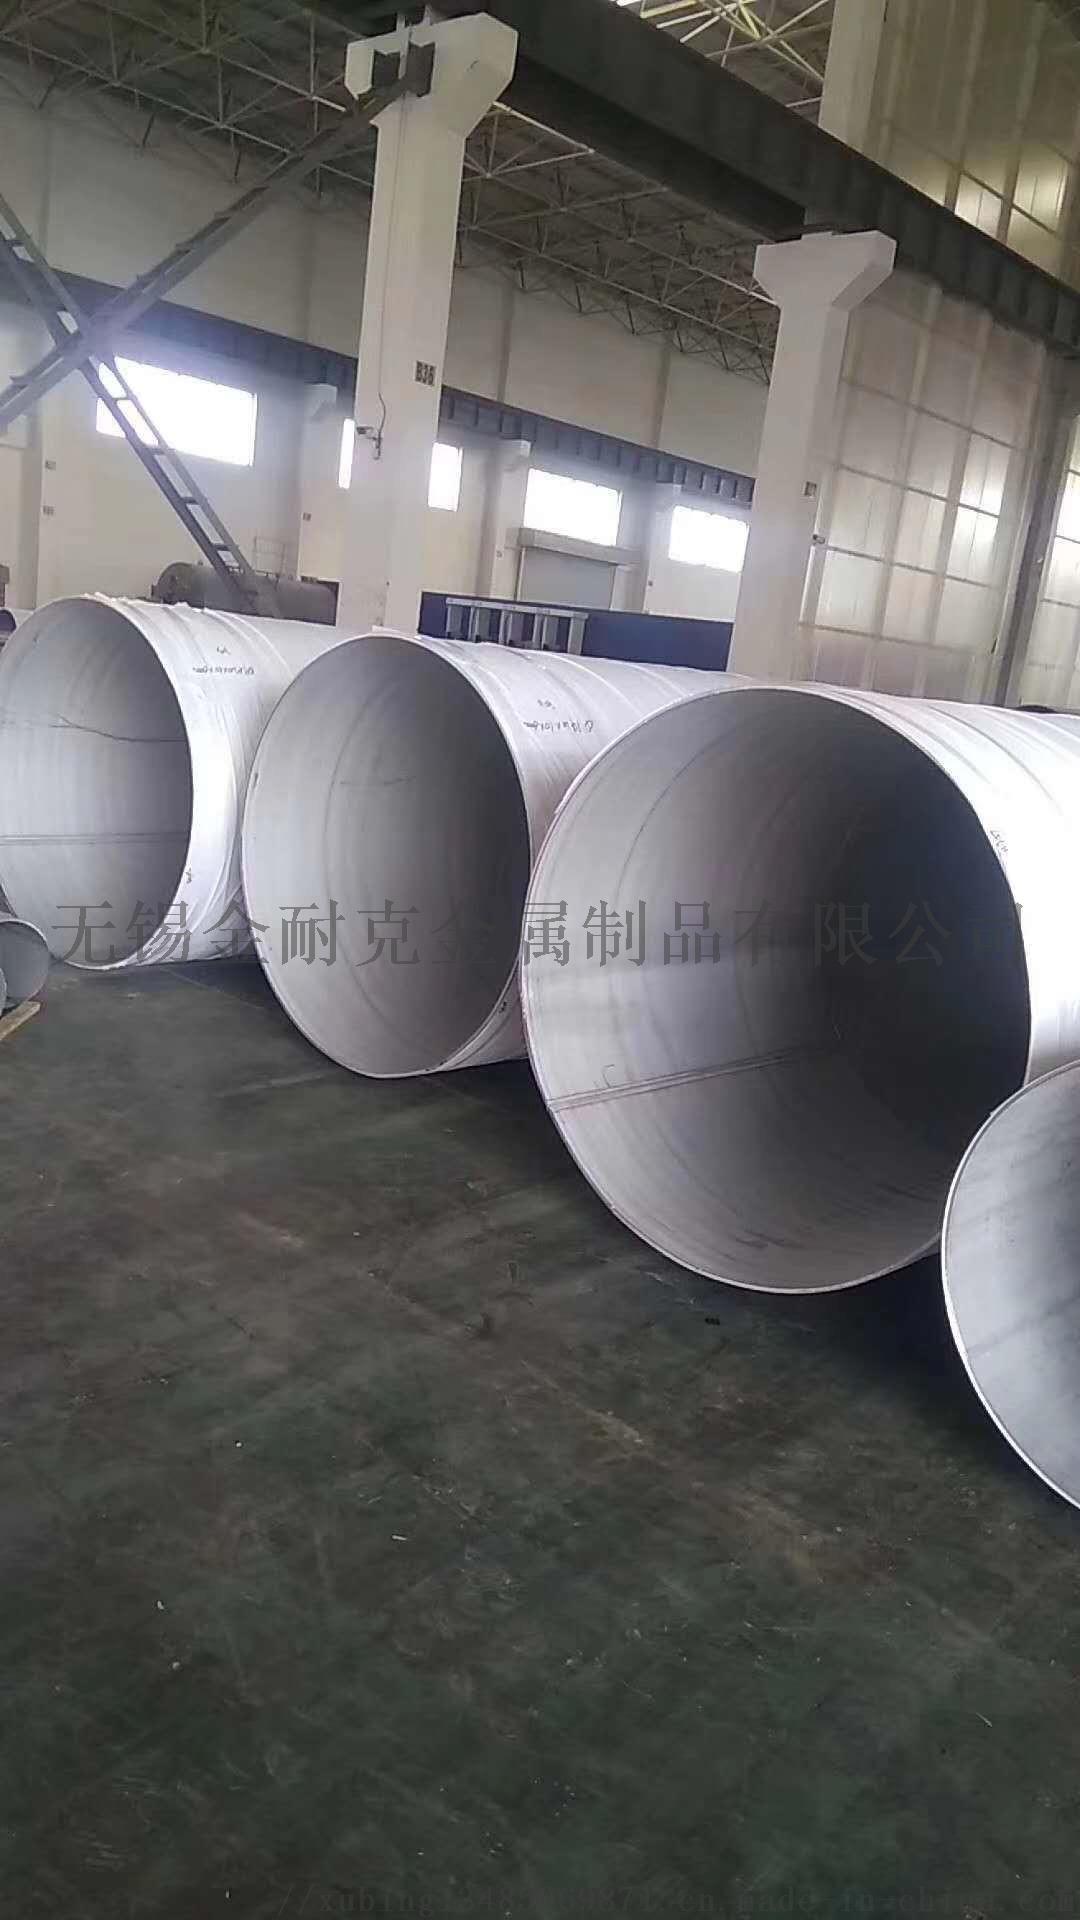 机械制造耐高温性超大口径201不锈钢焊管抛光126327192